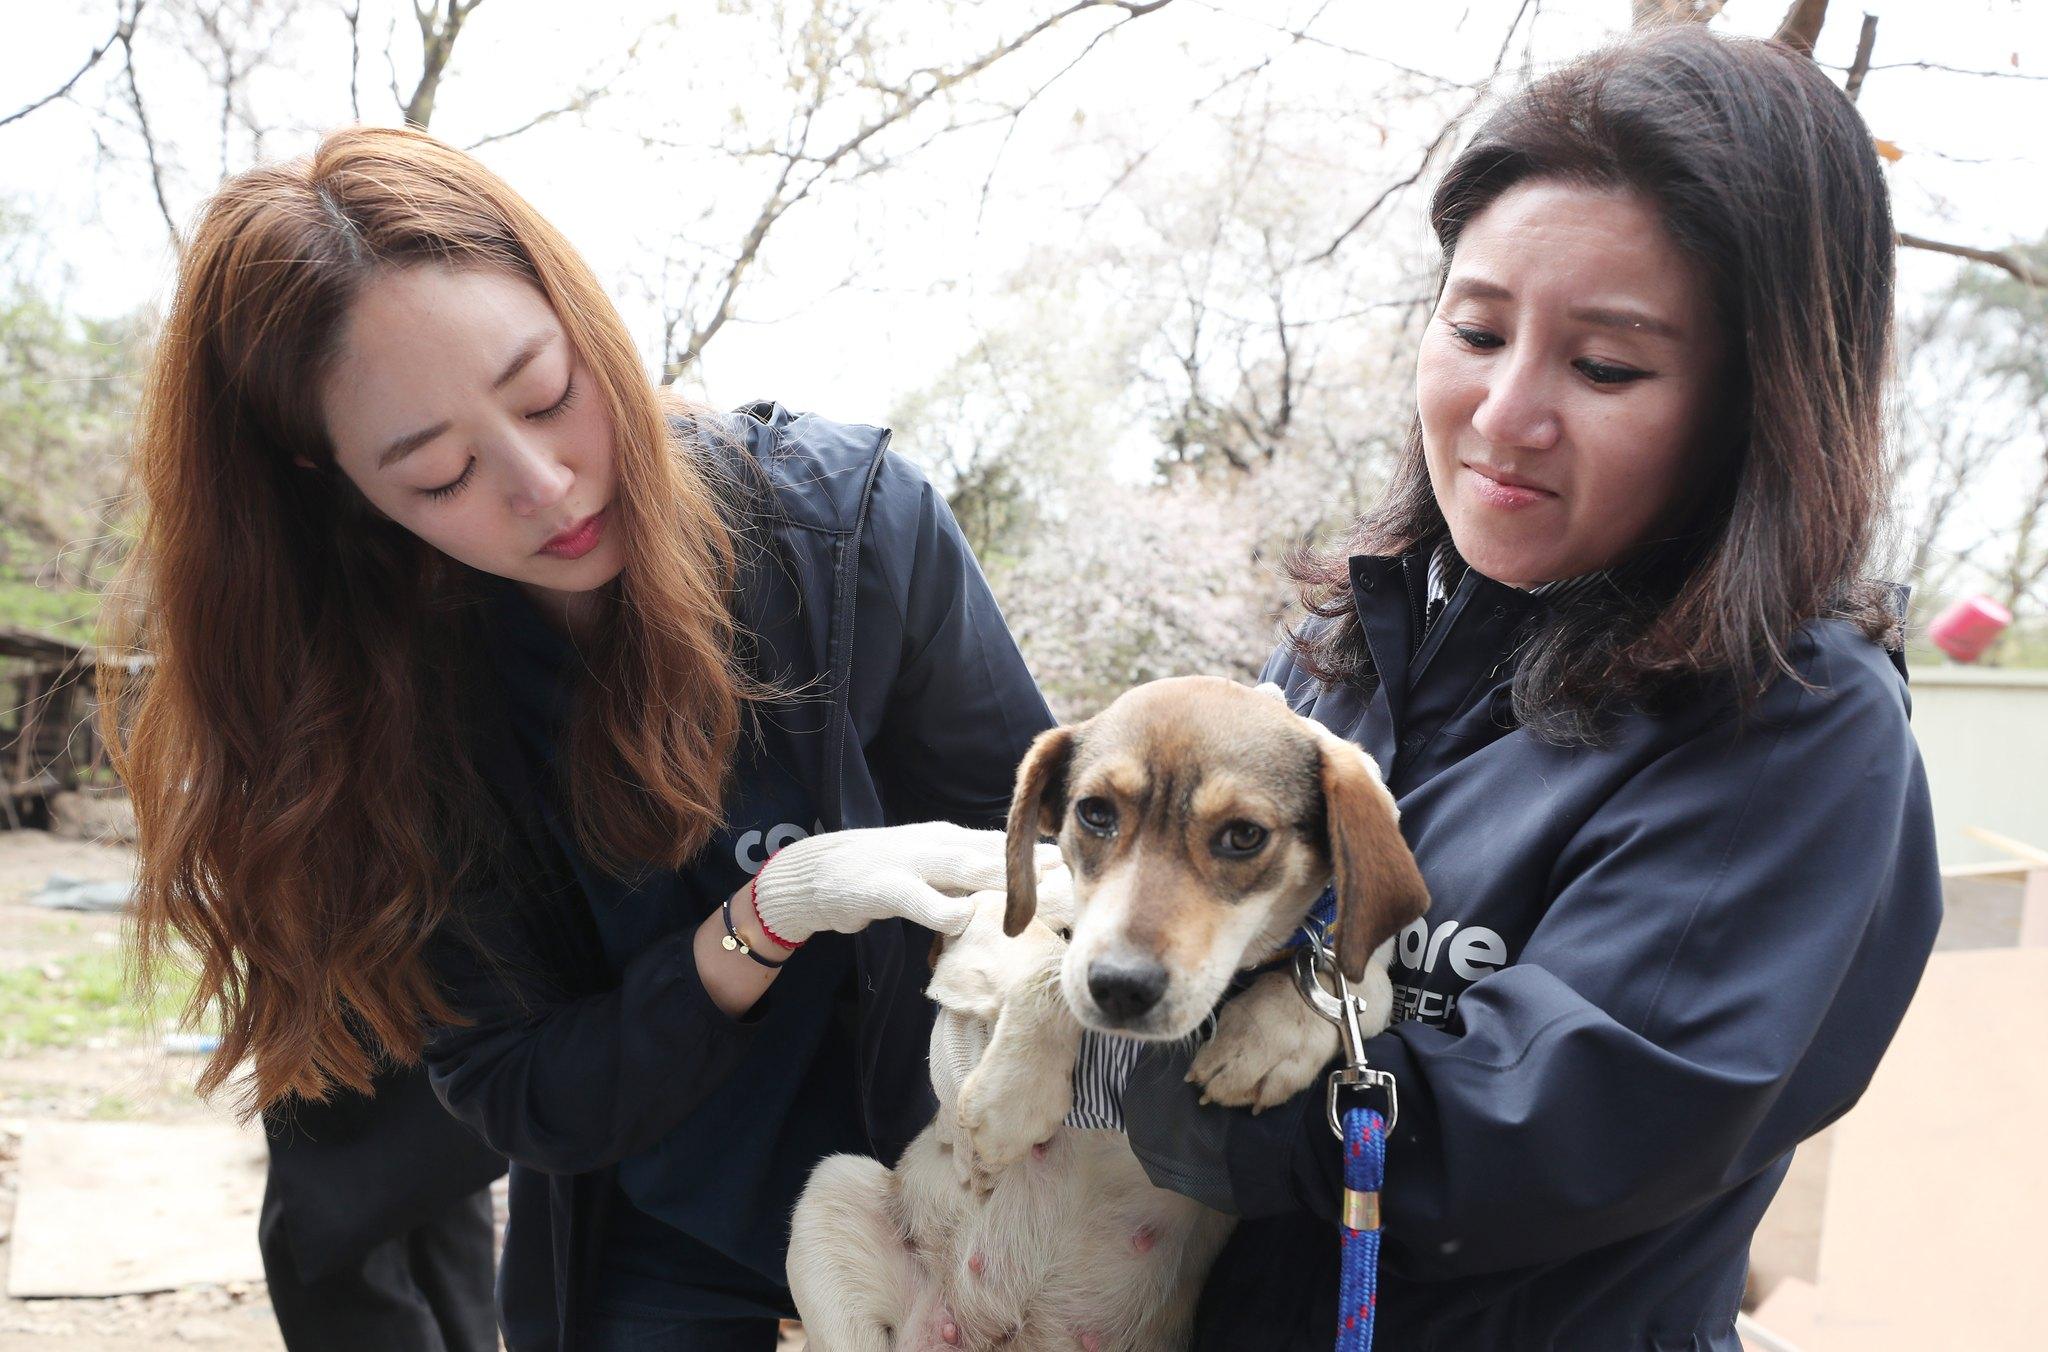 김효진 동물보호단체 케어 홍보대사가 지난해 4월 10일 오후 경기도 남양주시의 한 식용견 농장에서 구조 된 개를 살펴보고 있다. [뉴스1]